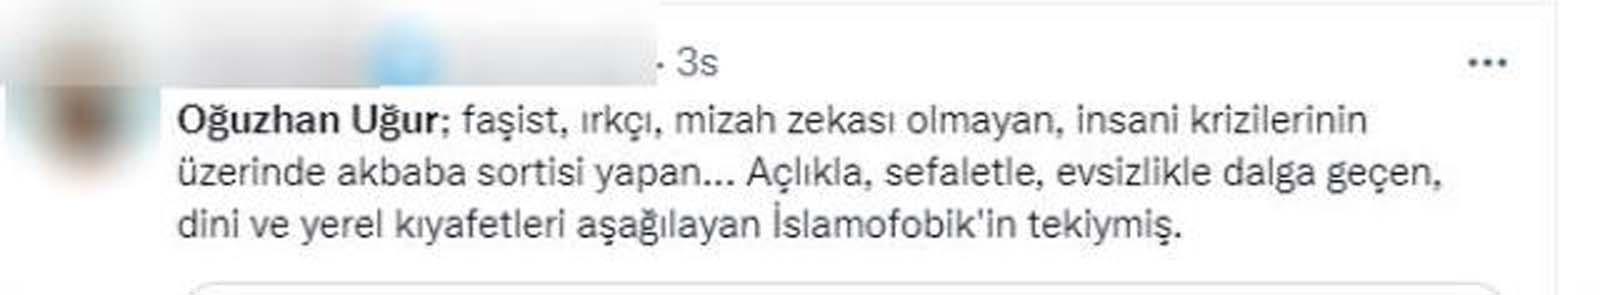 Oğuzhan Uğur'un yeni sezon fragmanındaki Afganlı göçmen göndermesine sosyal medyadan tepki yağmuru!